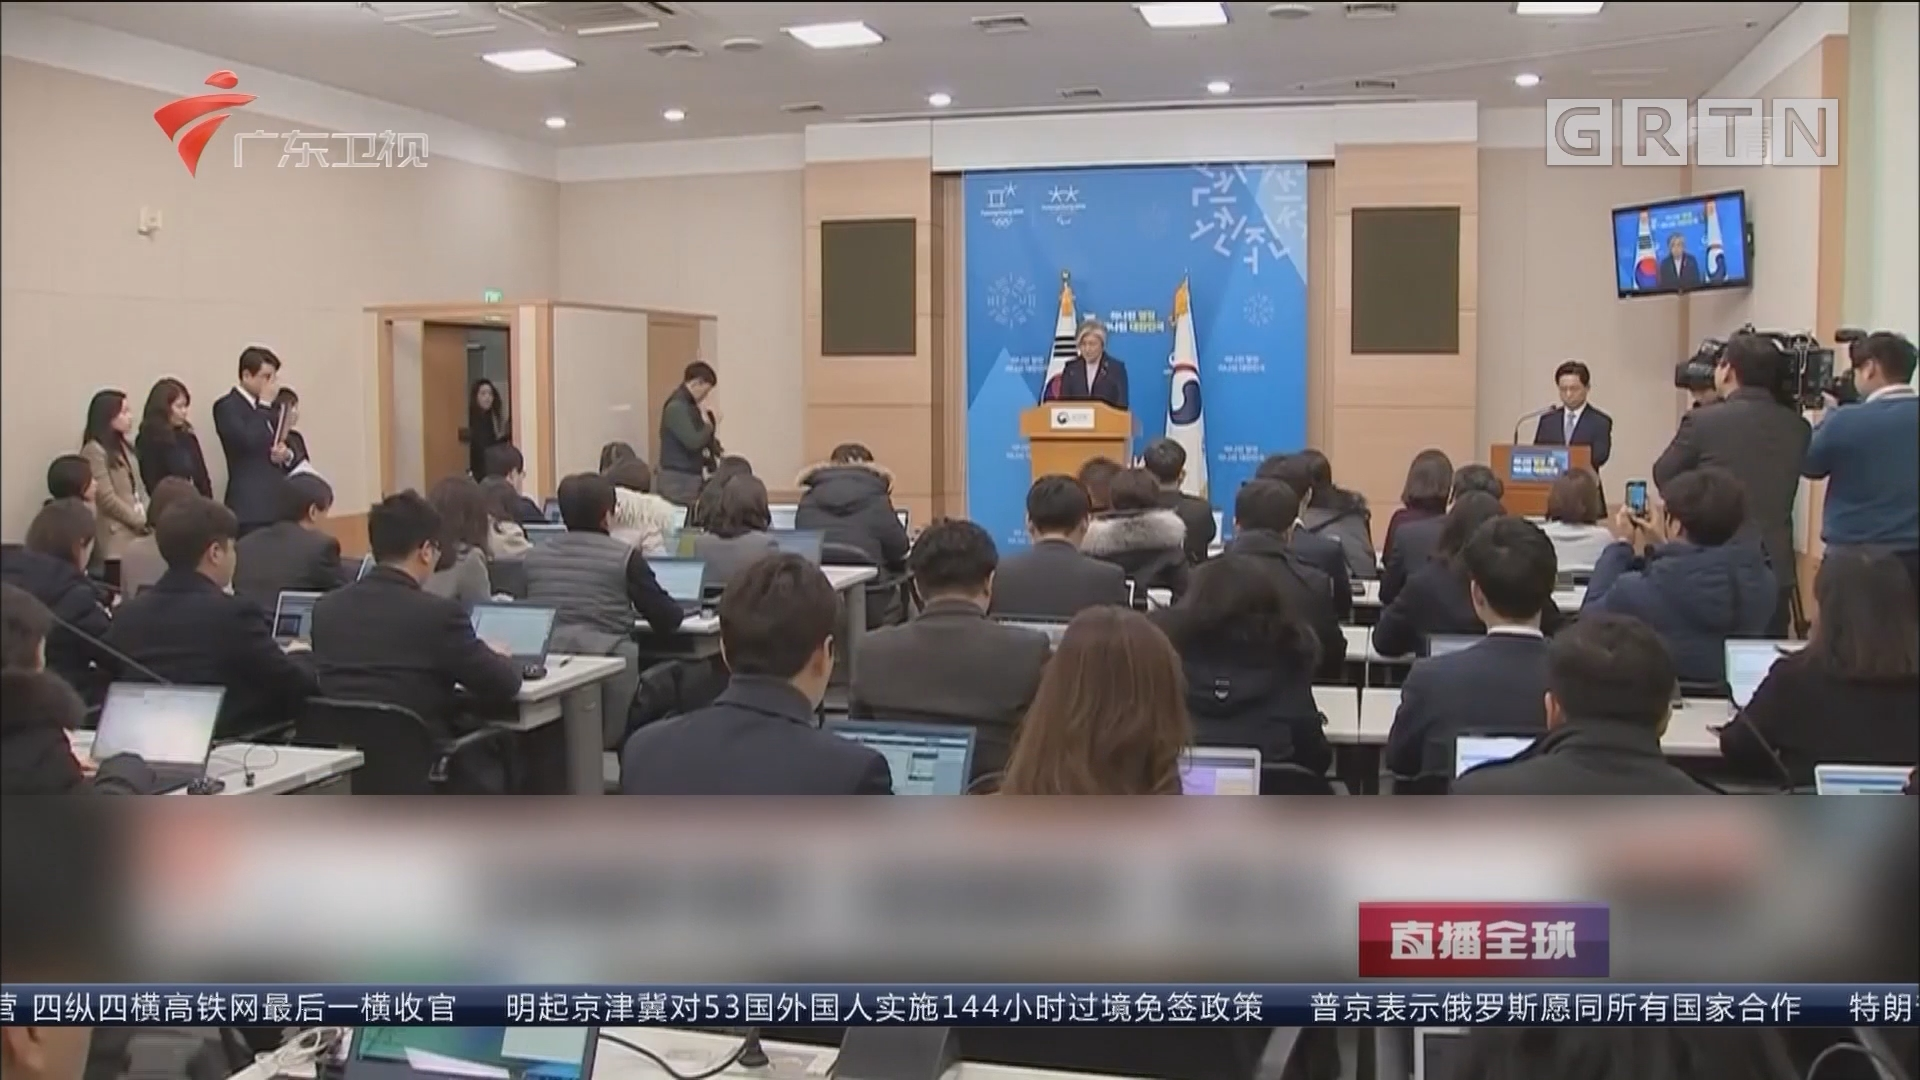 韩国公布慰安妇调差报告:韩国外长提前说明结论